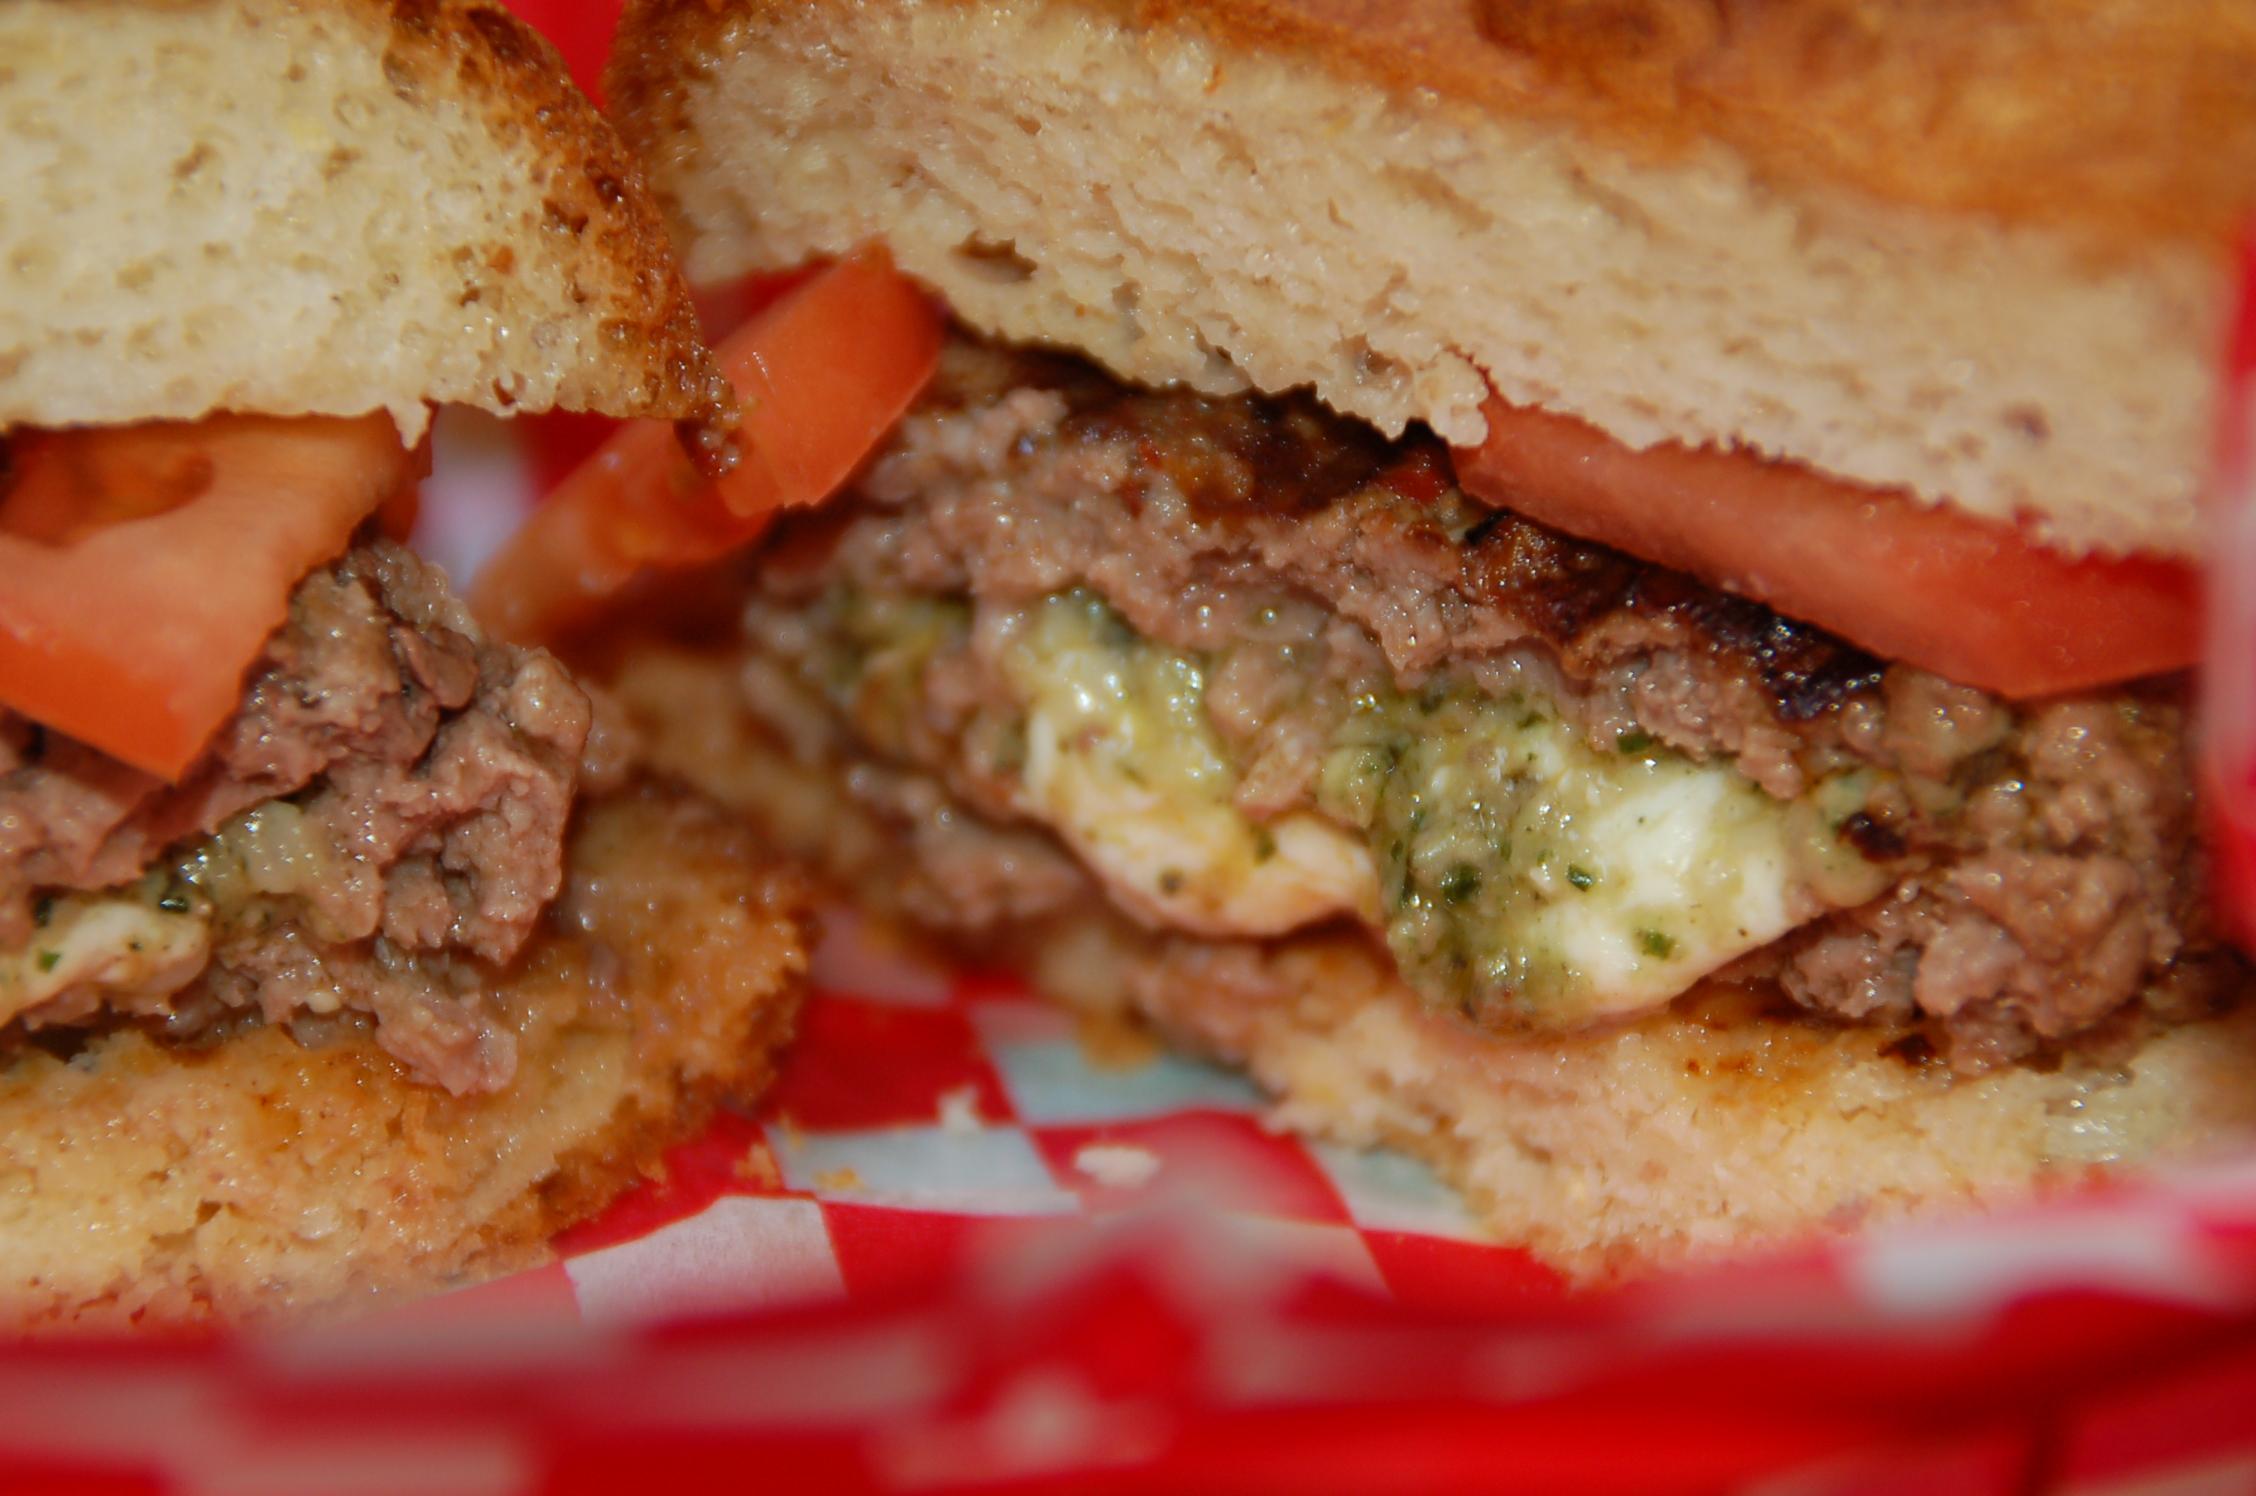 Рецепт фарша для гамбургера в домашних условиях